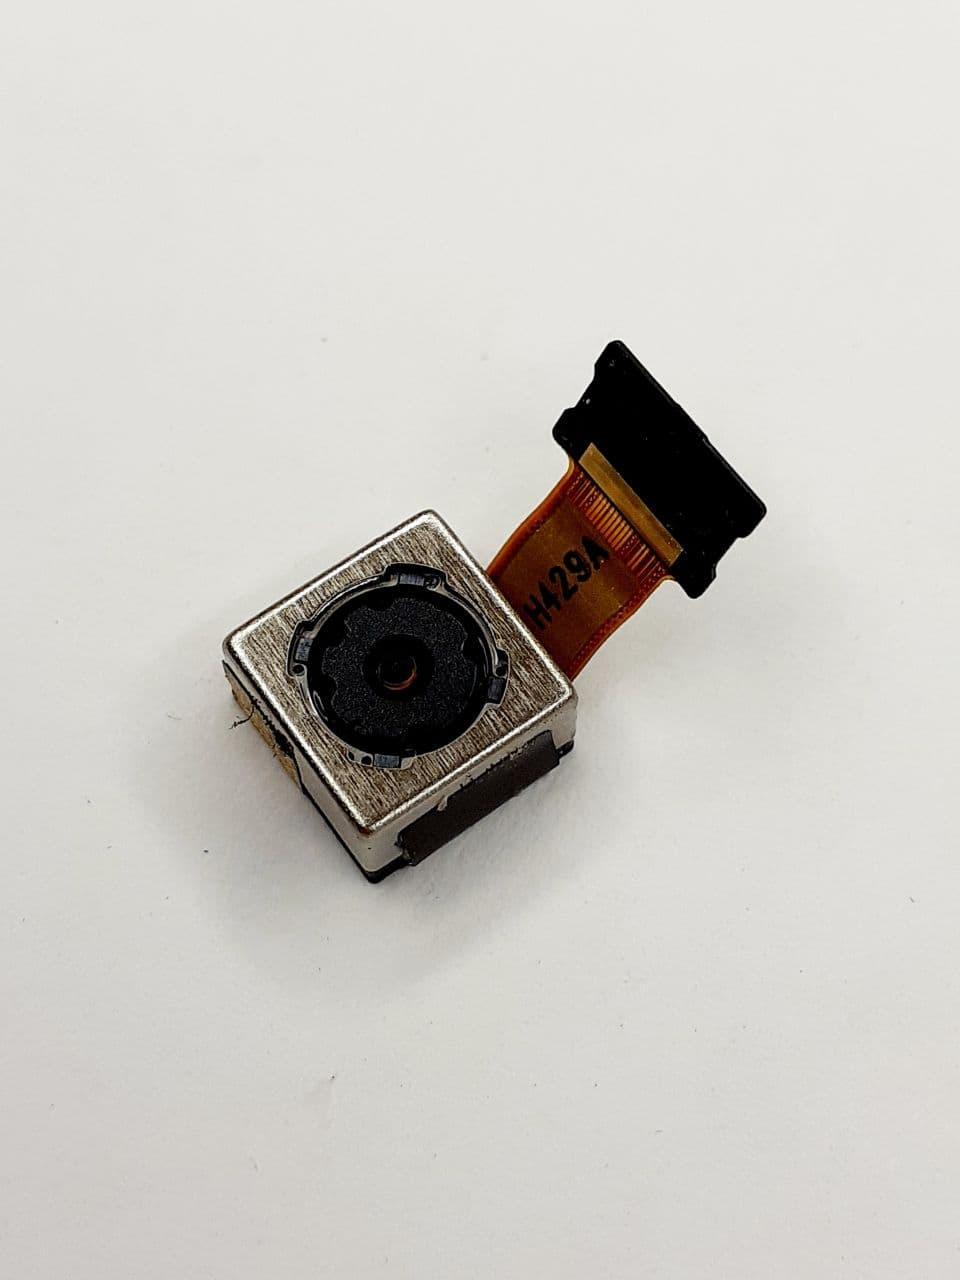 Камера для LG E615 / 610 Optimus L5 оригинал б.у.